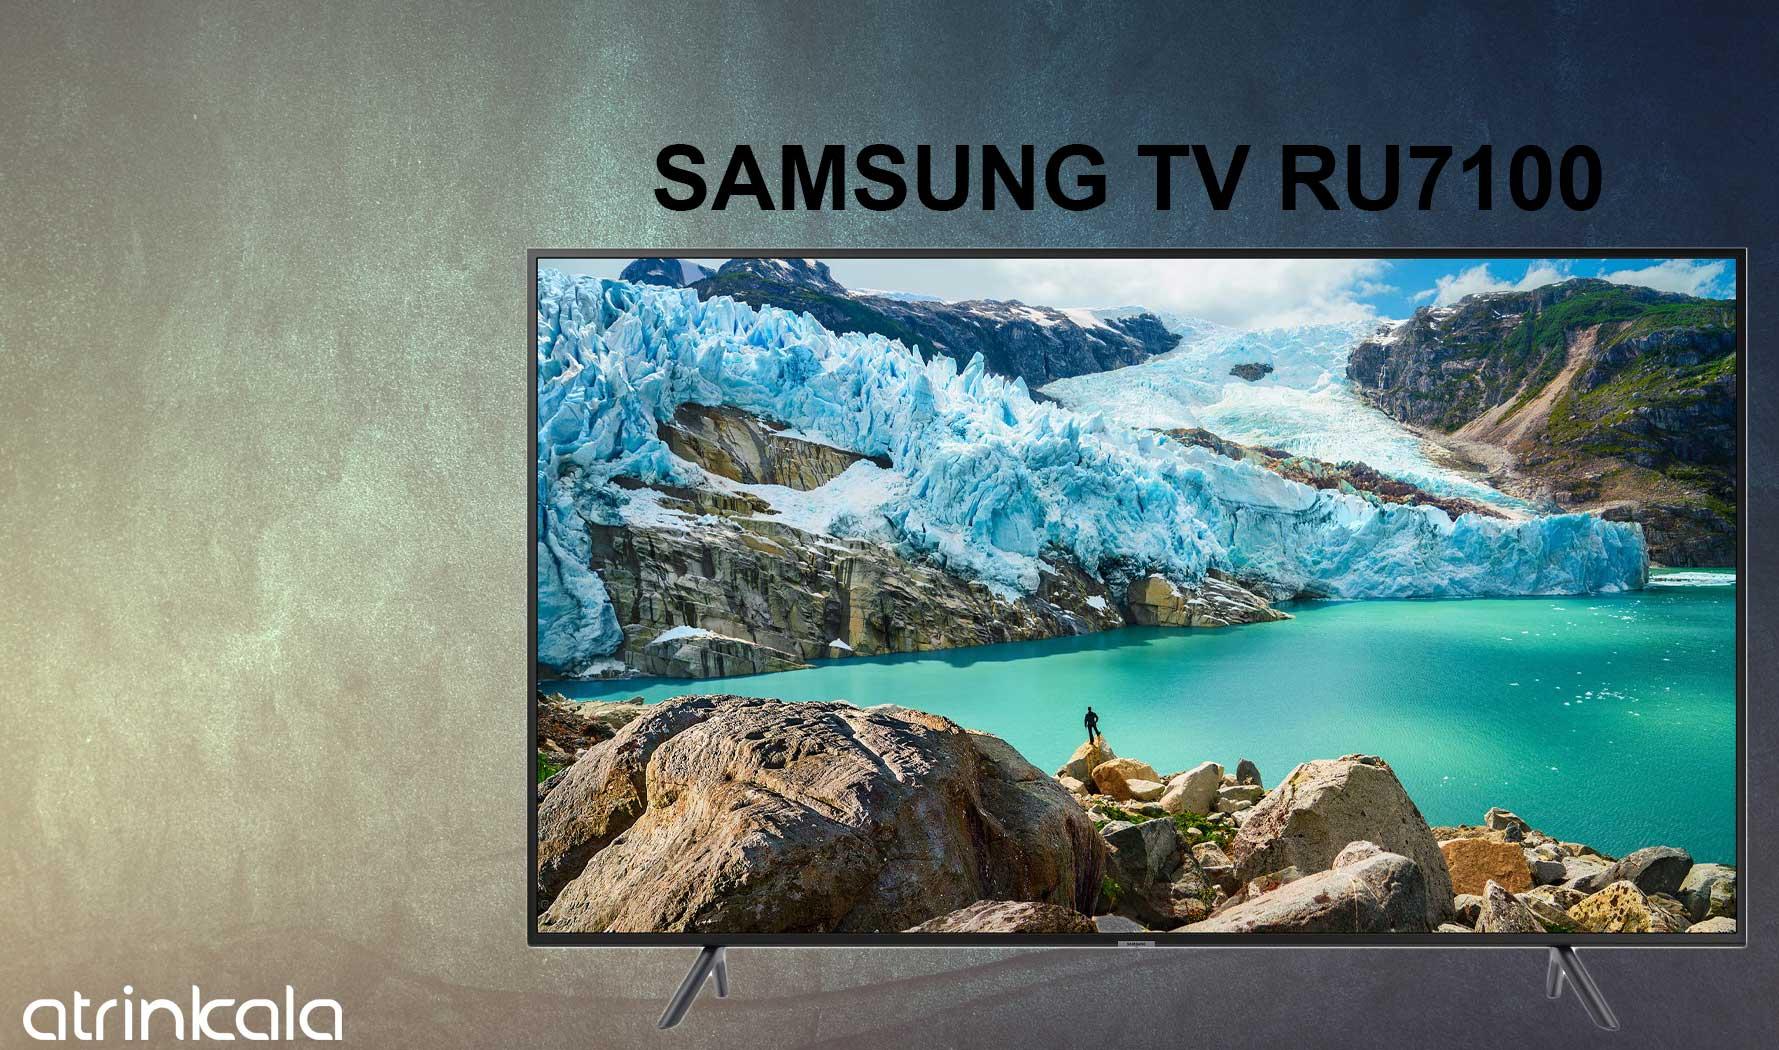 تلویزیون سامسونگ رسیور دار RU7100